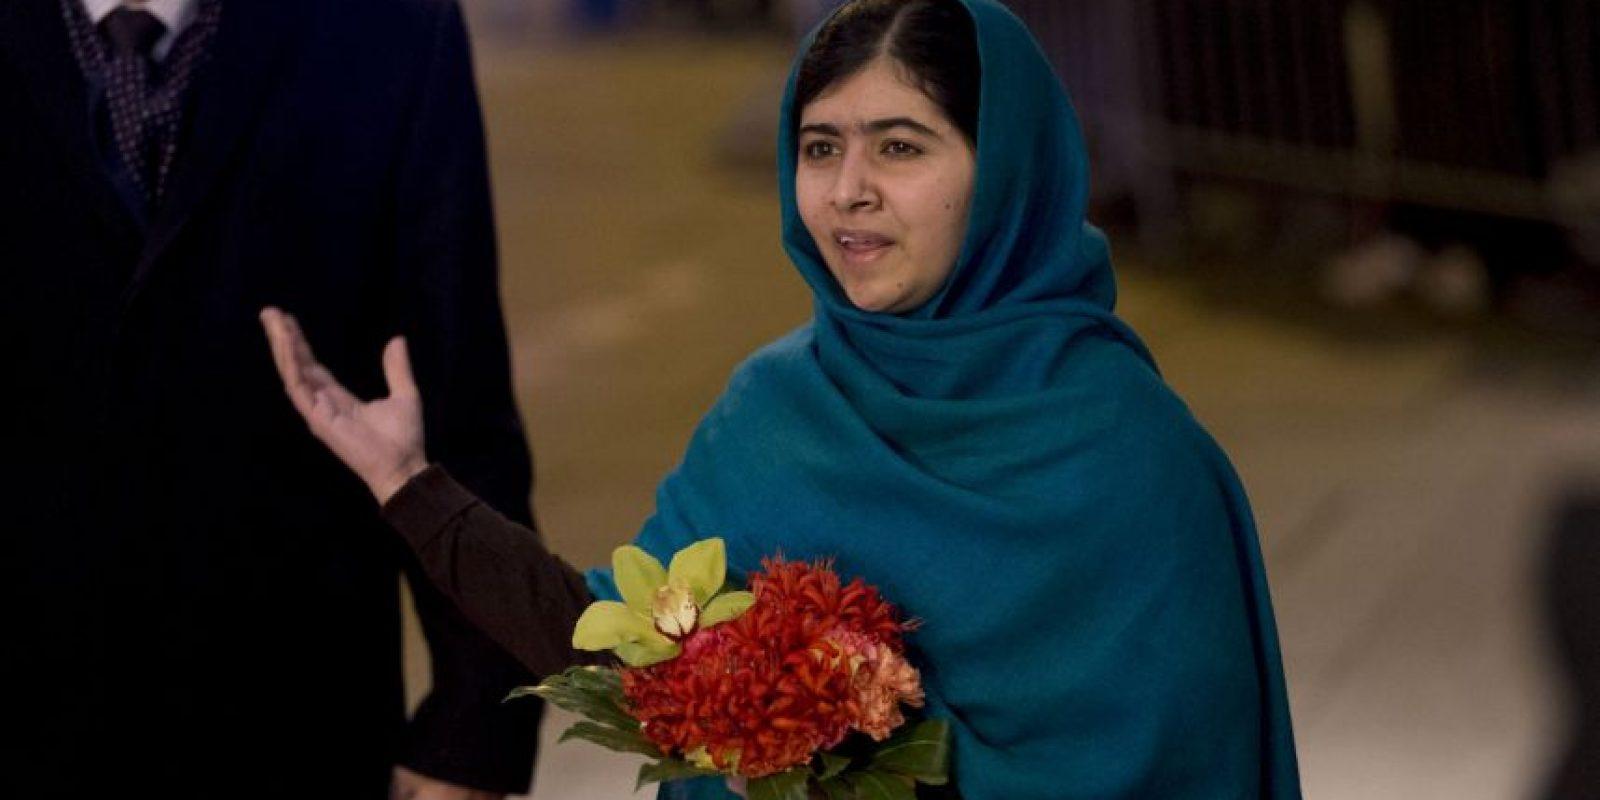 """El año pasado Malala Yousafzai ganó el Nobel de la Paz, """"por su lucha contra la supresión de los niños y jóvenes y por el derecho de todos los niños a la educación"""", es la persona más joven galardonada. Foto:AP"""